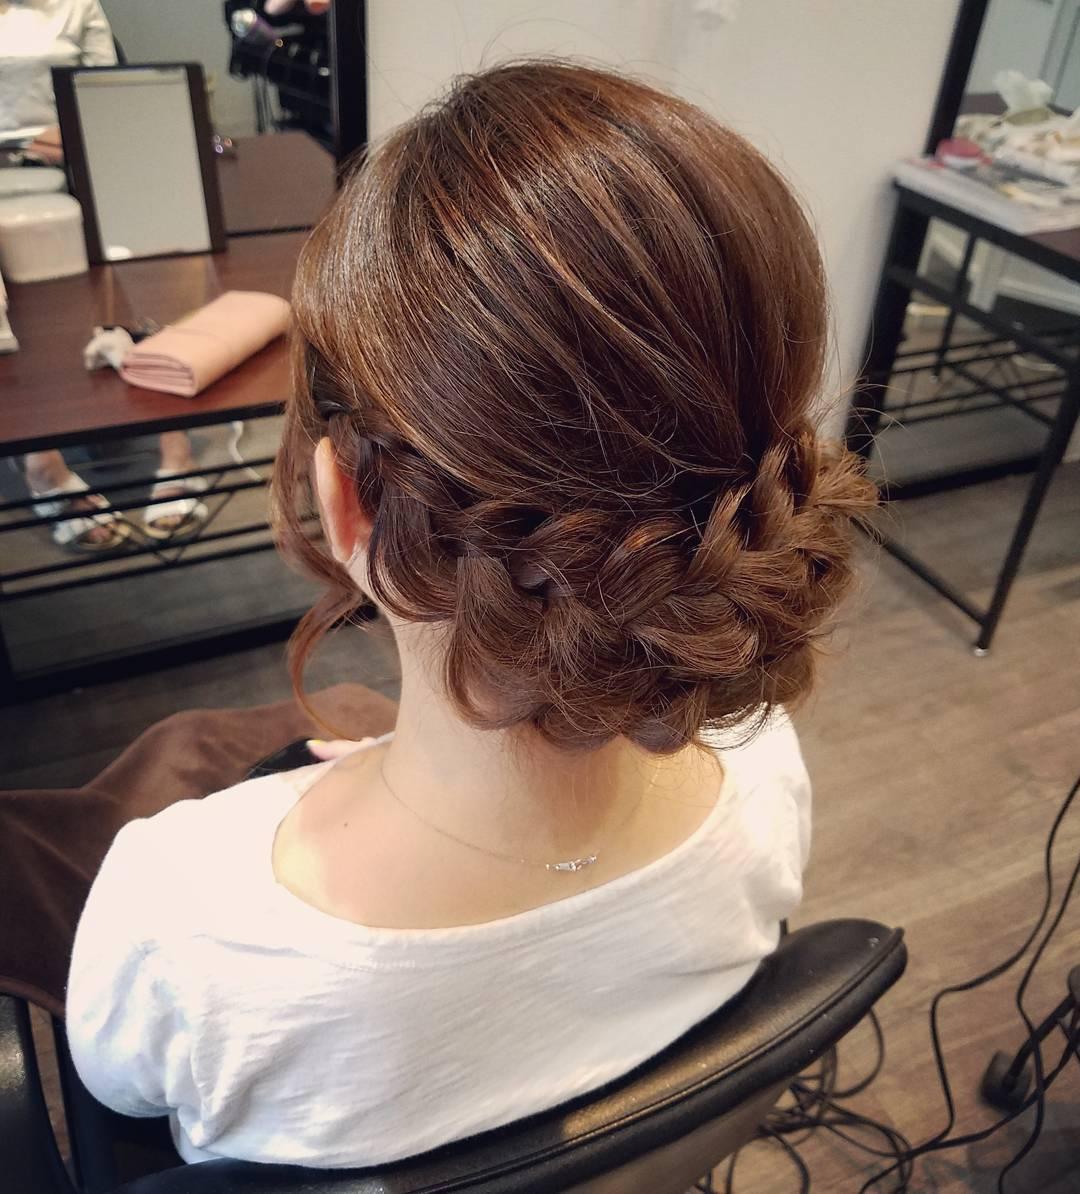 結婚式 和装 髪型 編み込み Khabarplanet Com